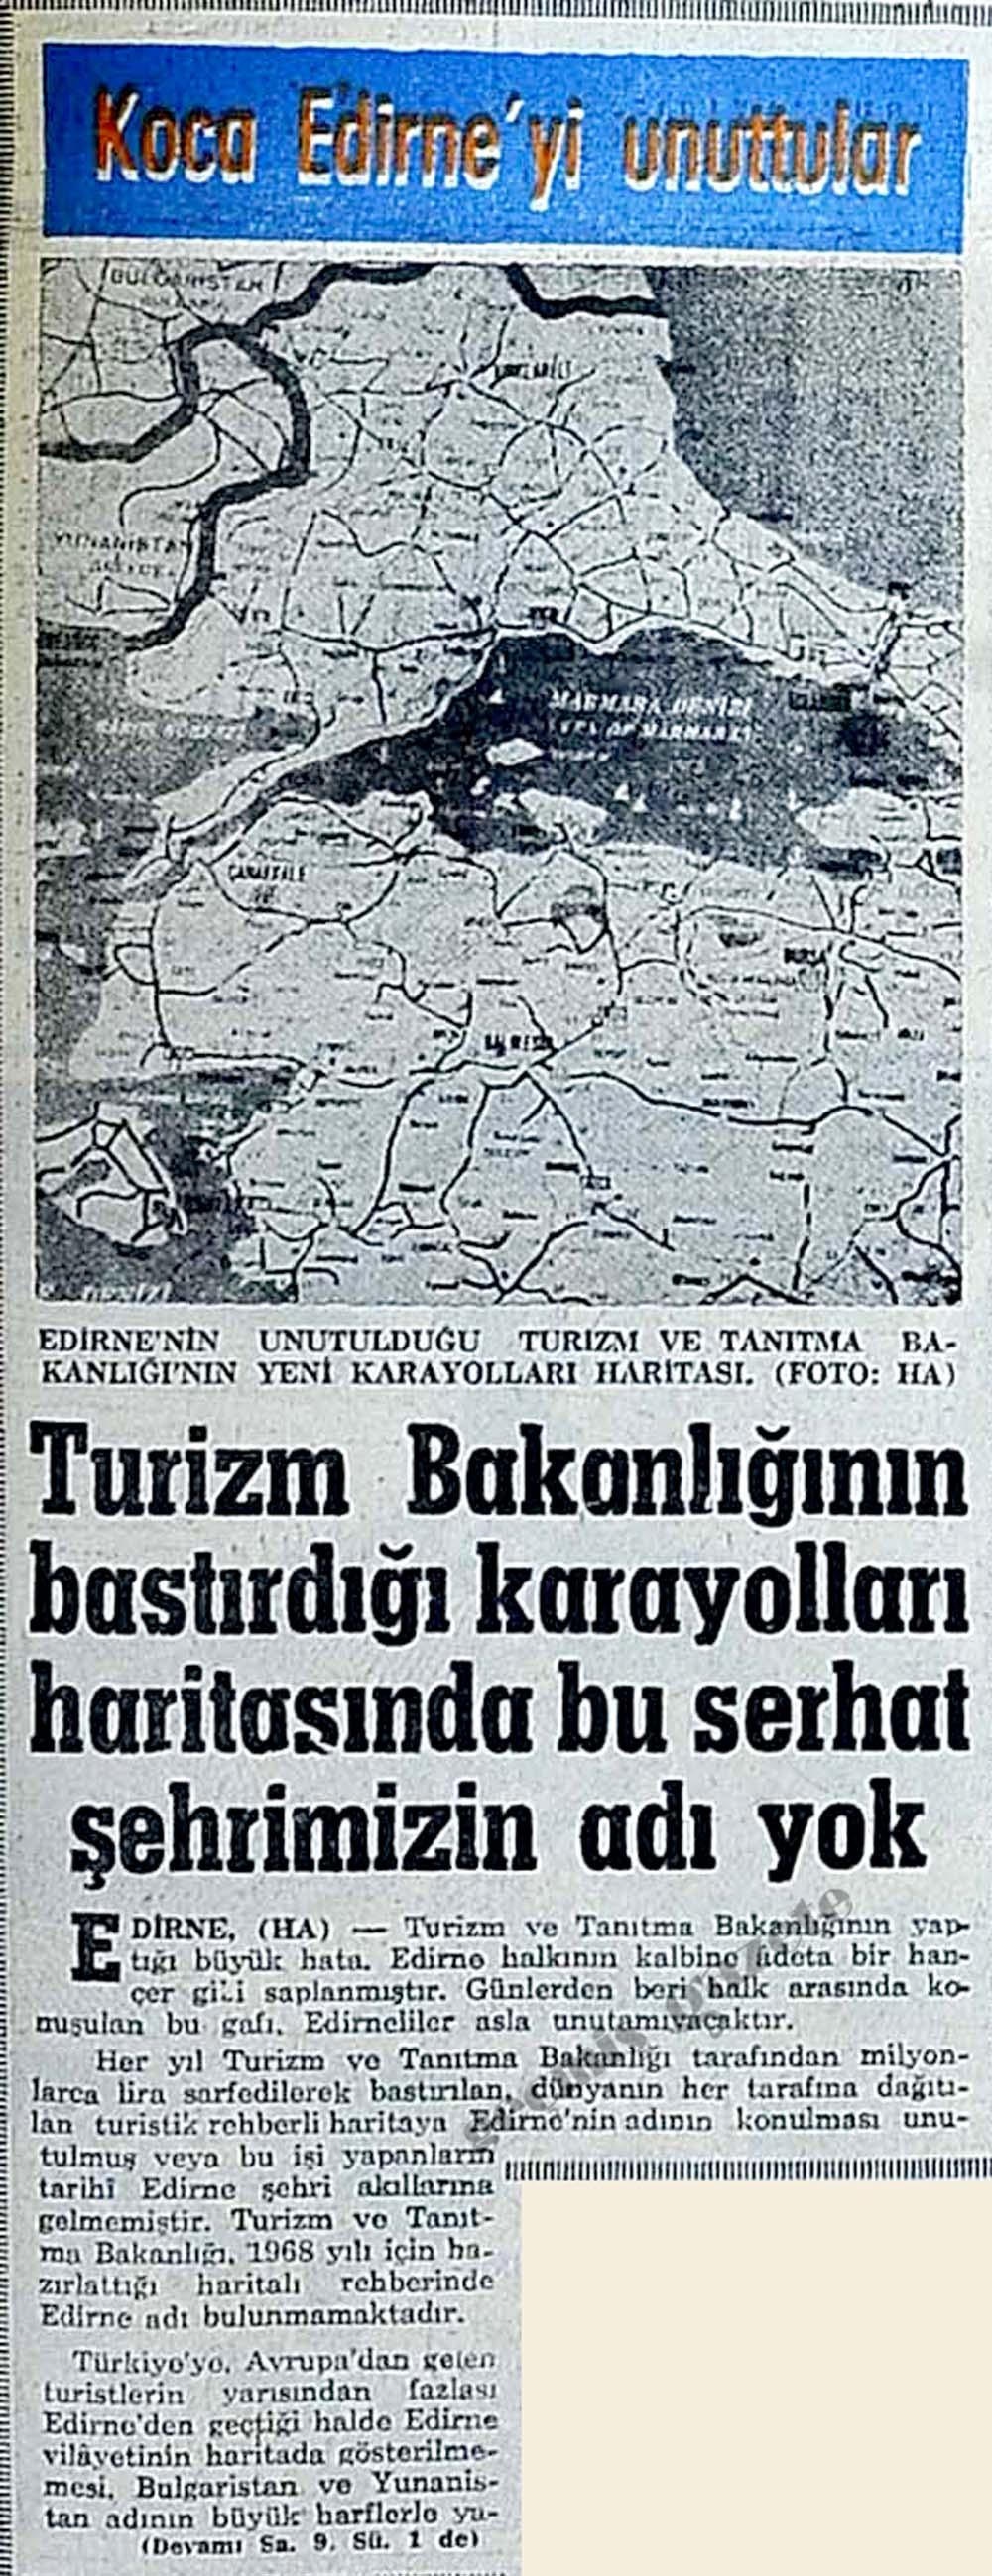 Turizm Bakanlığının bastırdığı karayolları haritasında bu serhat şehrimizin adı yok